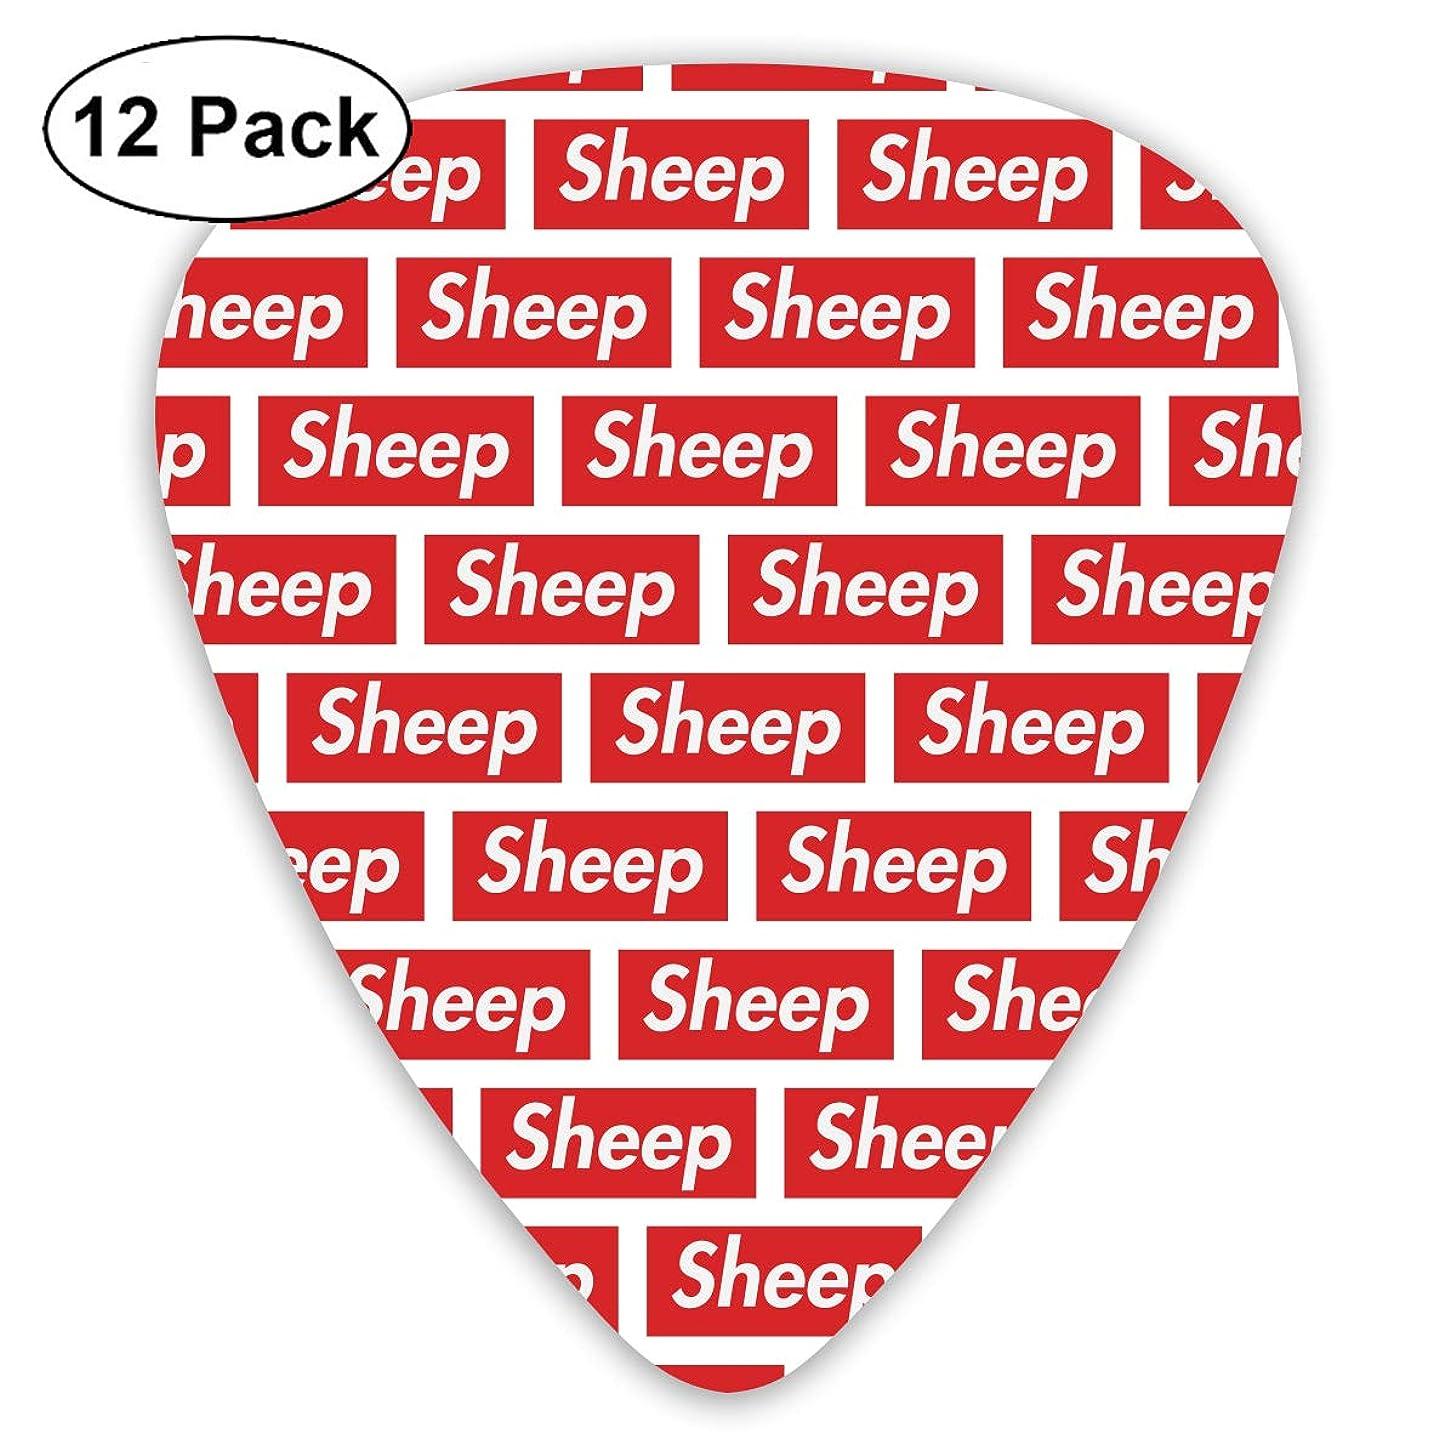 351 Shape Classic Guitar Picks Sheep Words Plectrums Instrument Standard Bass 12 Pack